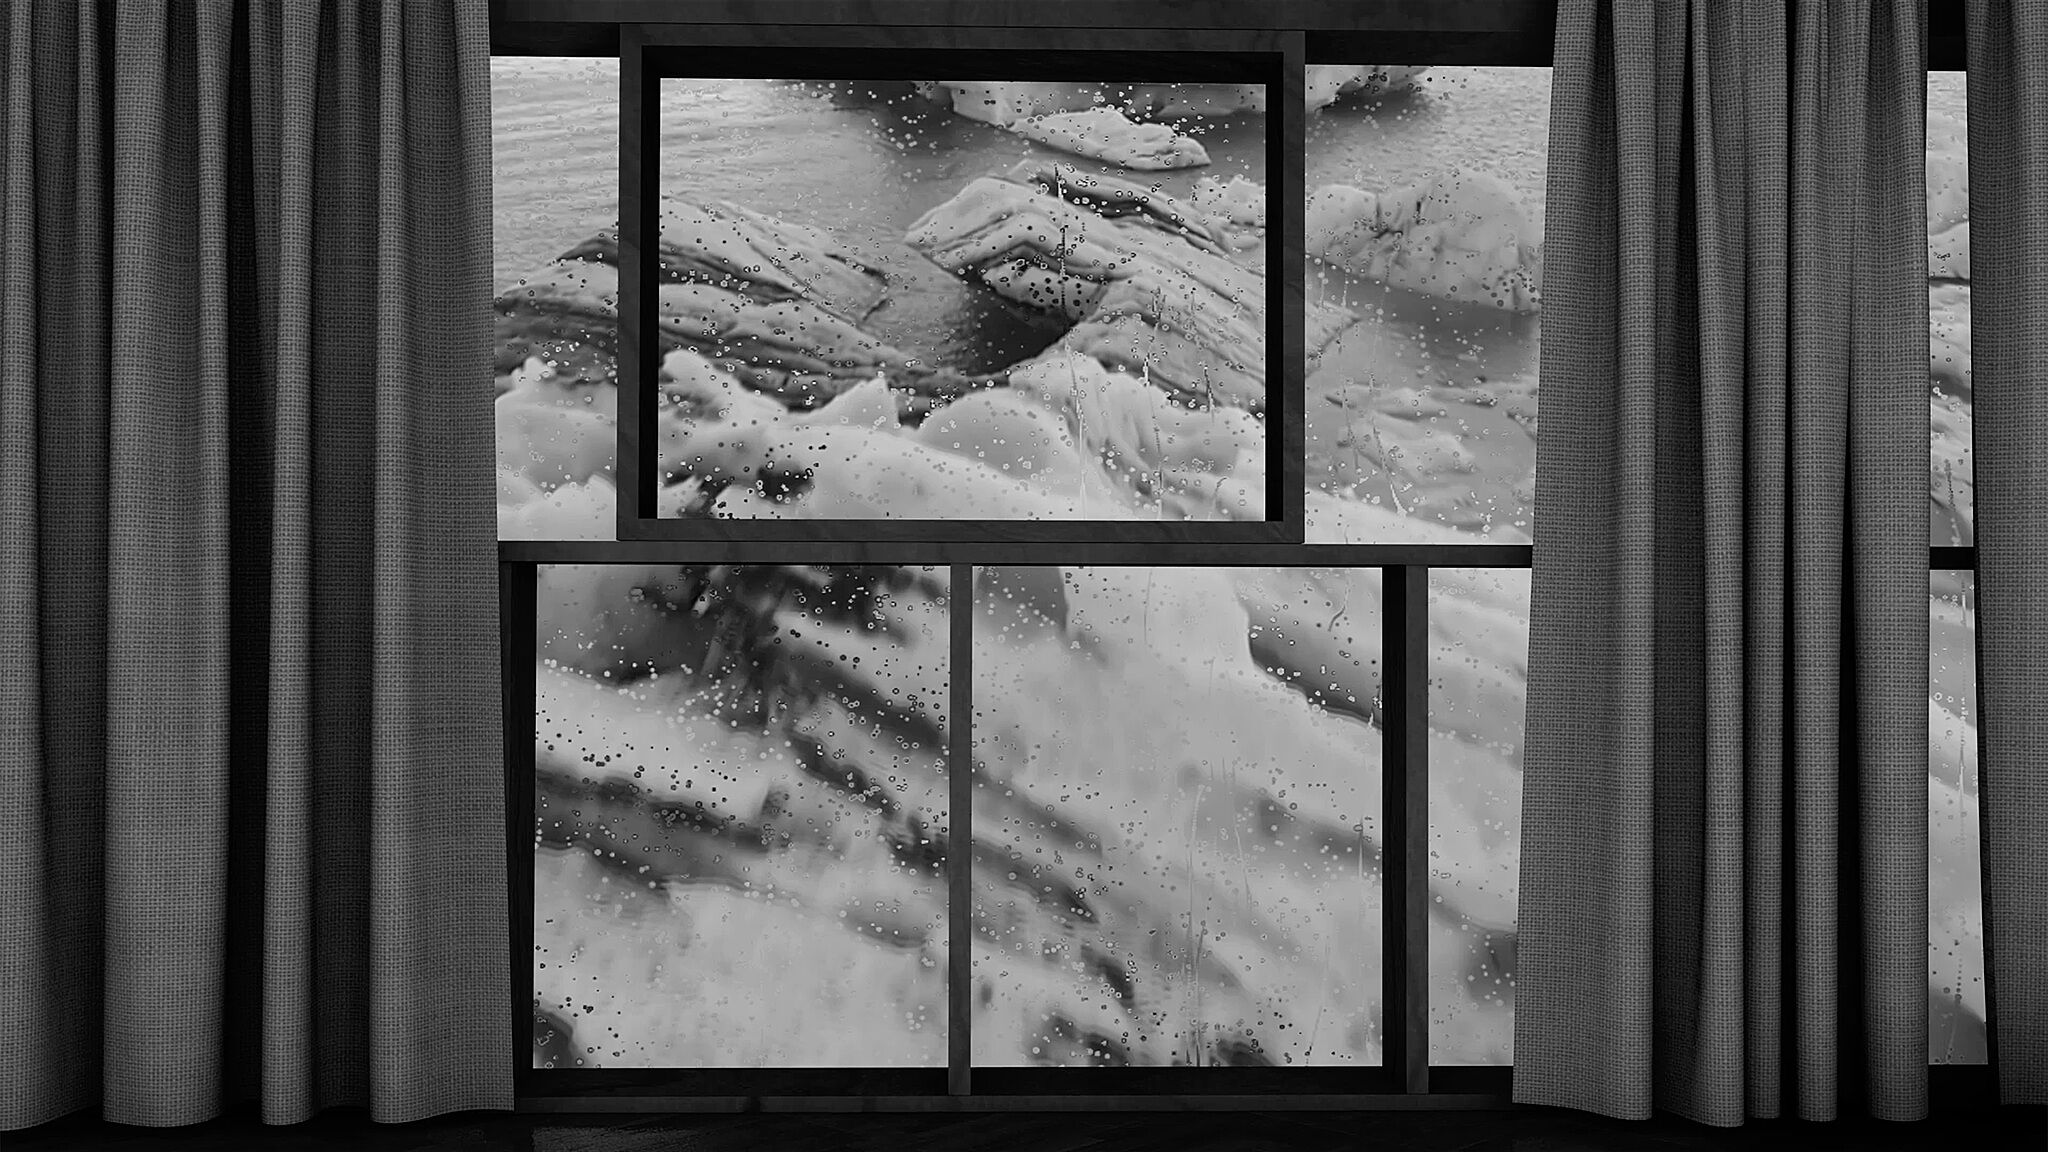 Film still of snow.